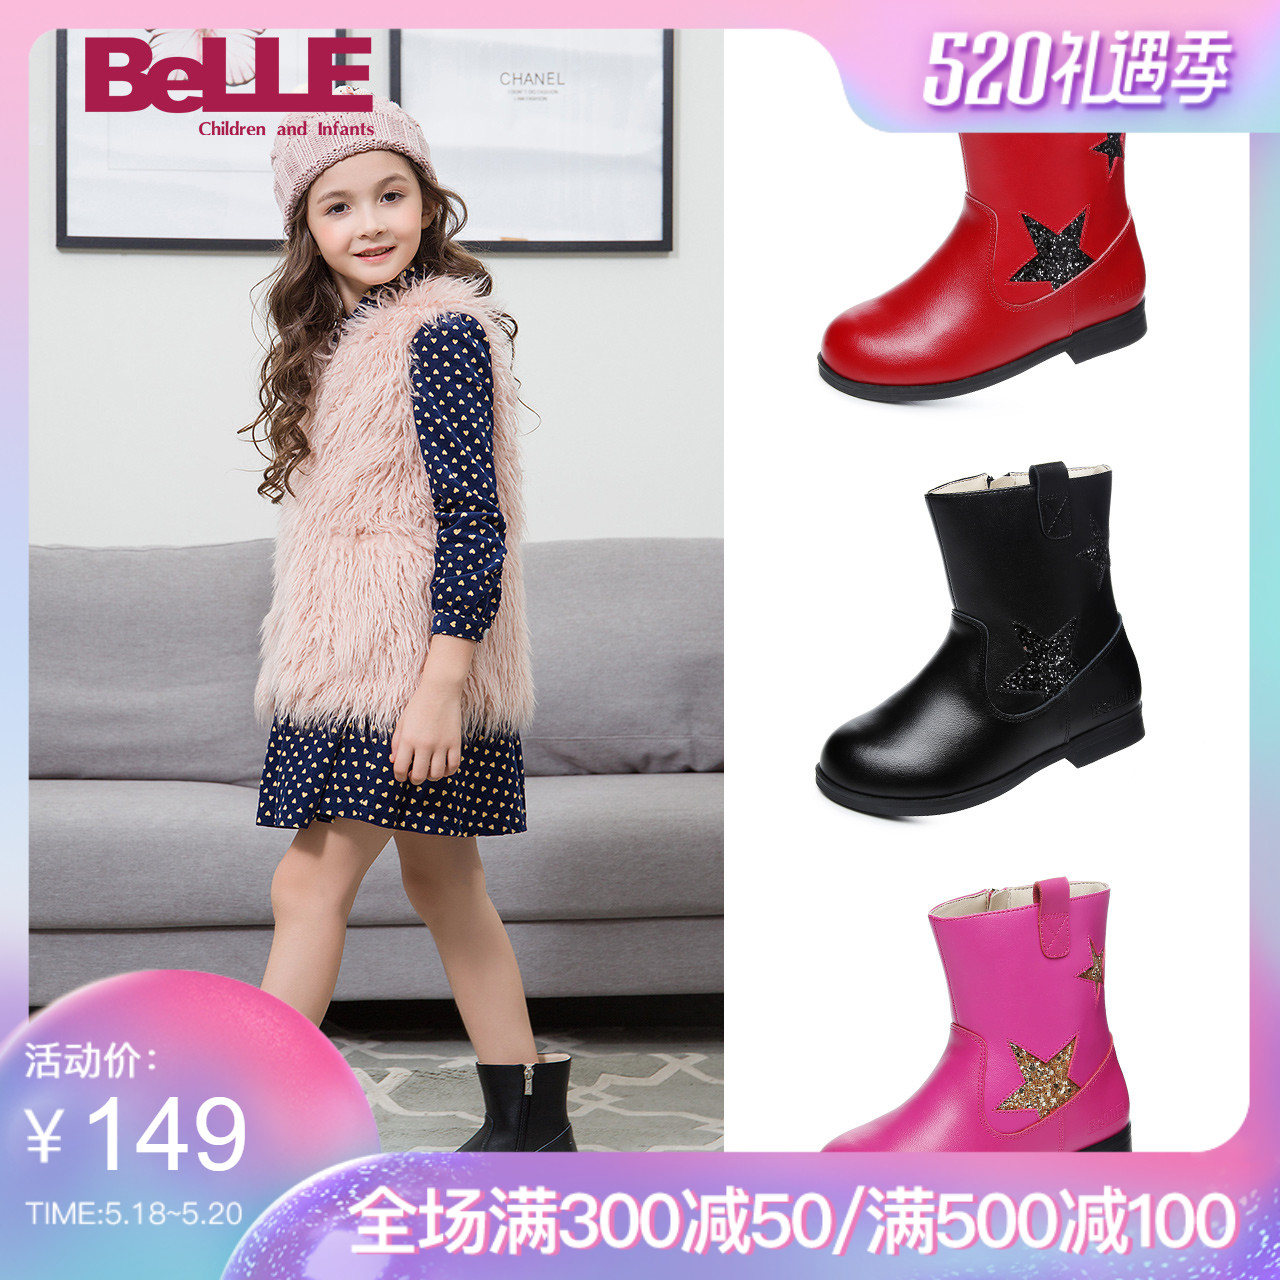 百丽童鞋女童中筒靴2018冬新款儿童侧拉链加绒保暖平跟中童靴子